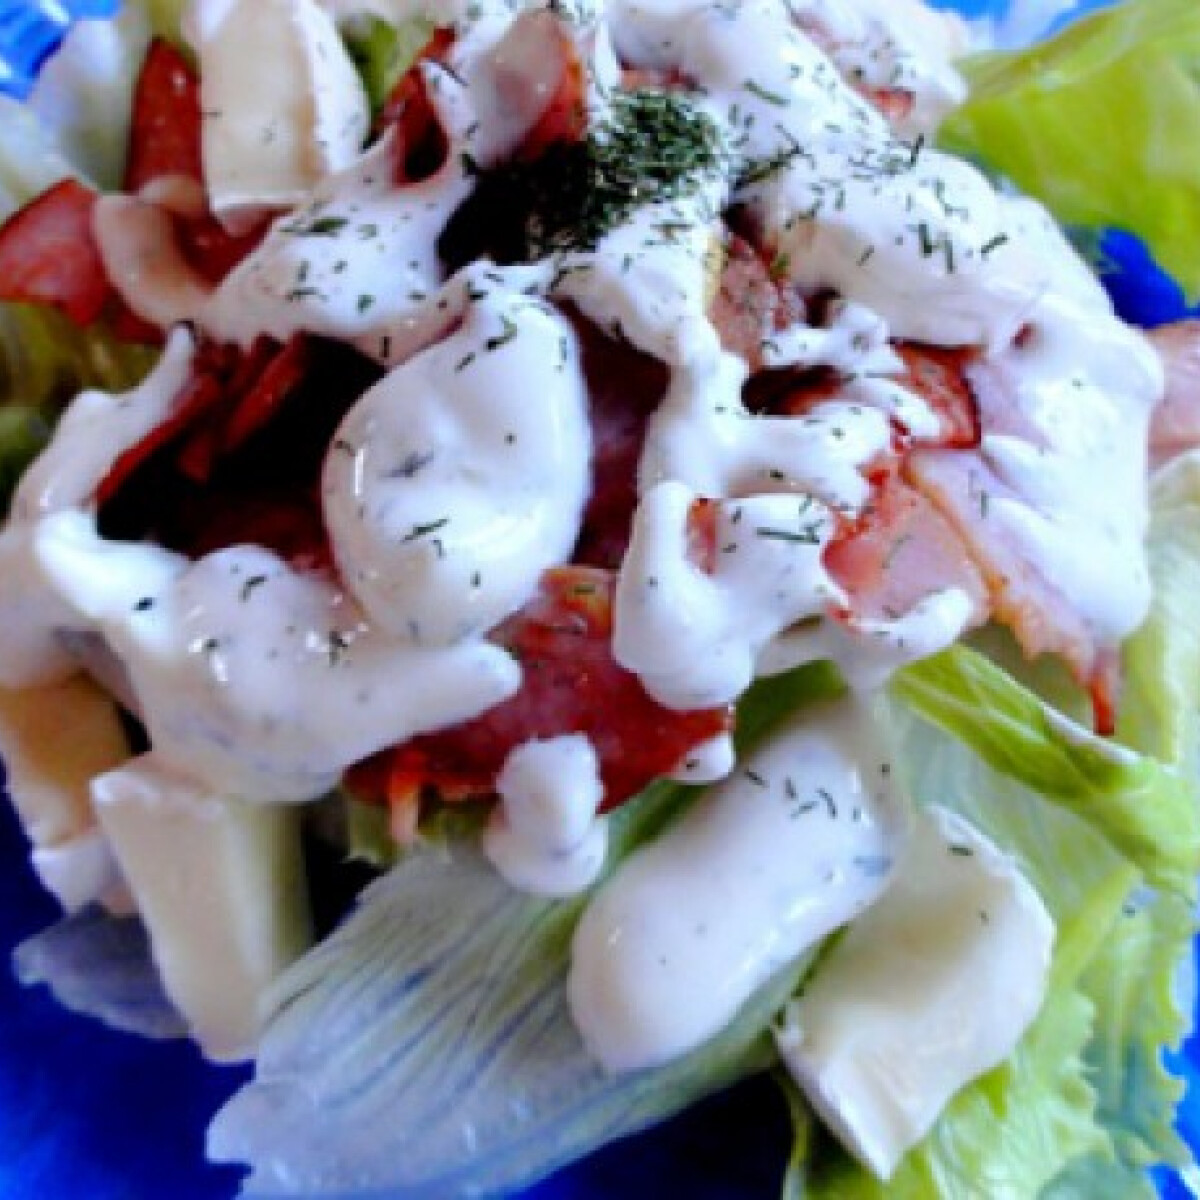 Üde saláta fokhagymás-kapros öntettel